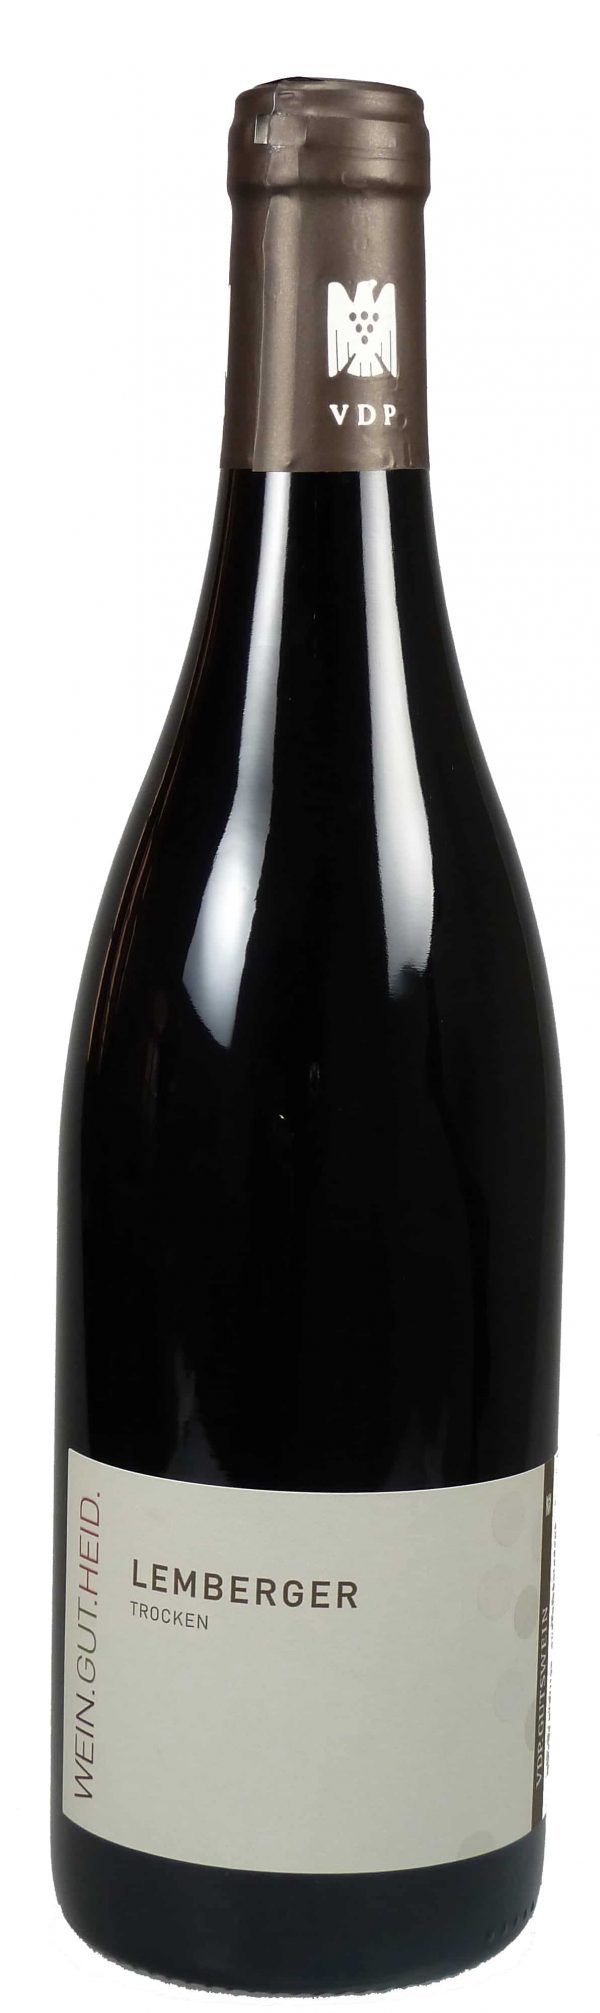 Lemberger Qualitätswein trocken 2016